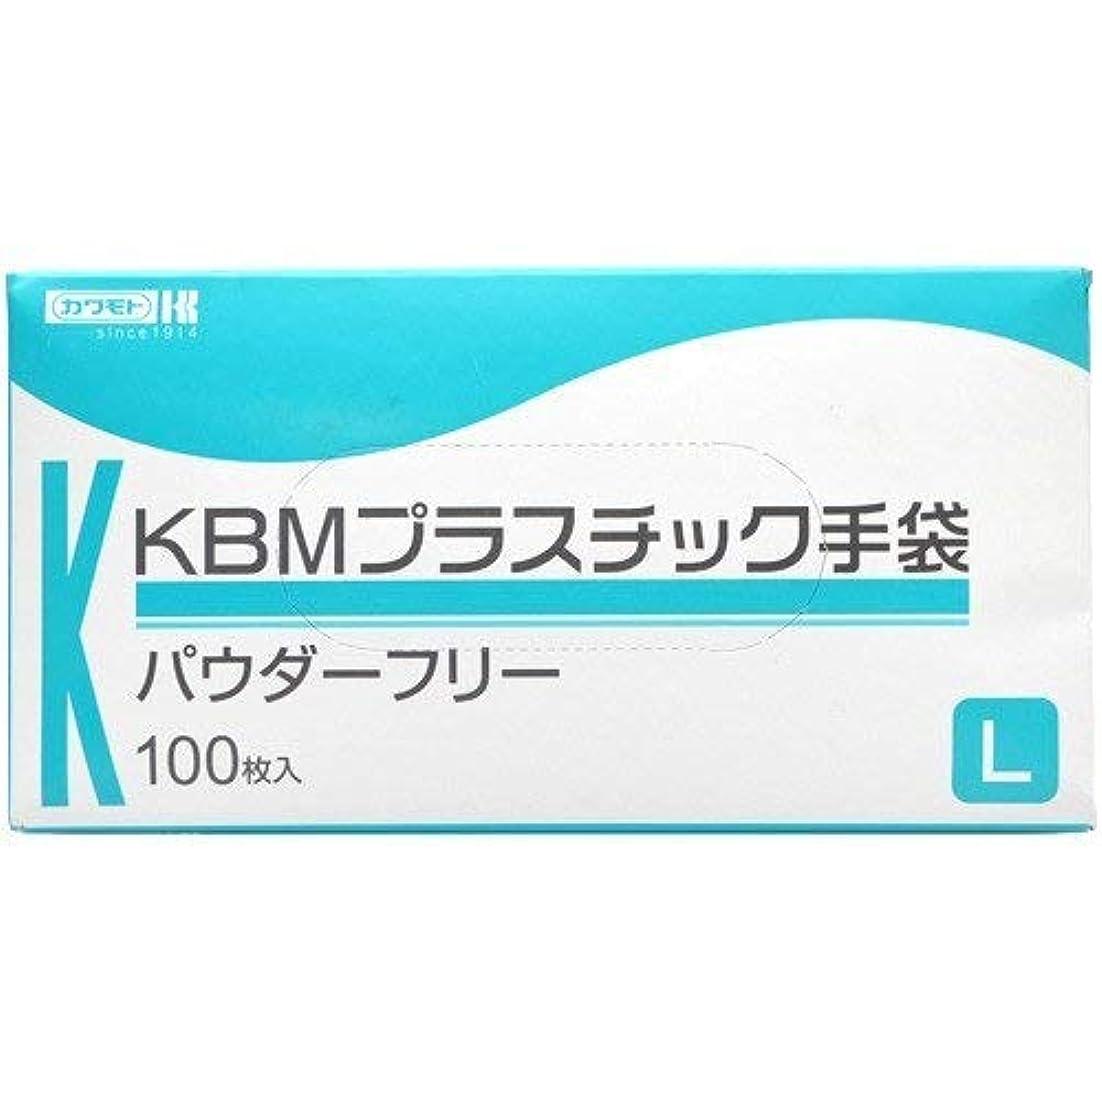 モンクステージエッセンス川本産業 KBMプラスチック手袋 パウダーフリー L 100枚入 ×2個